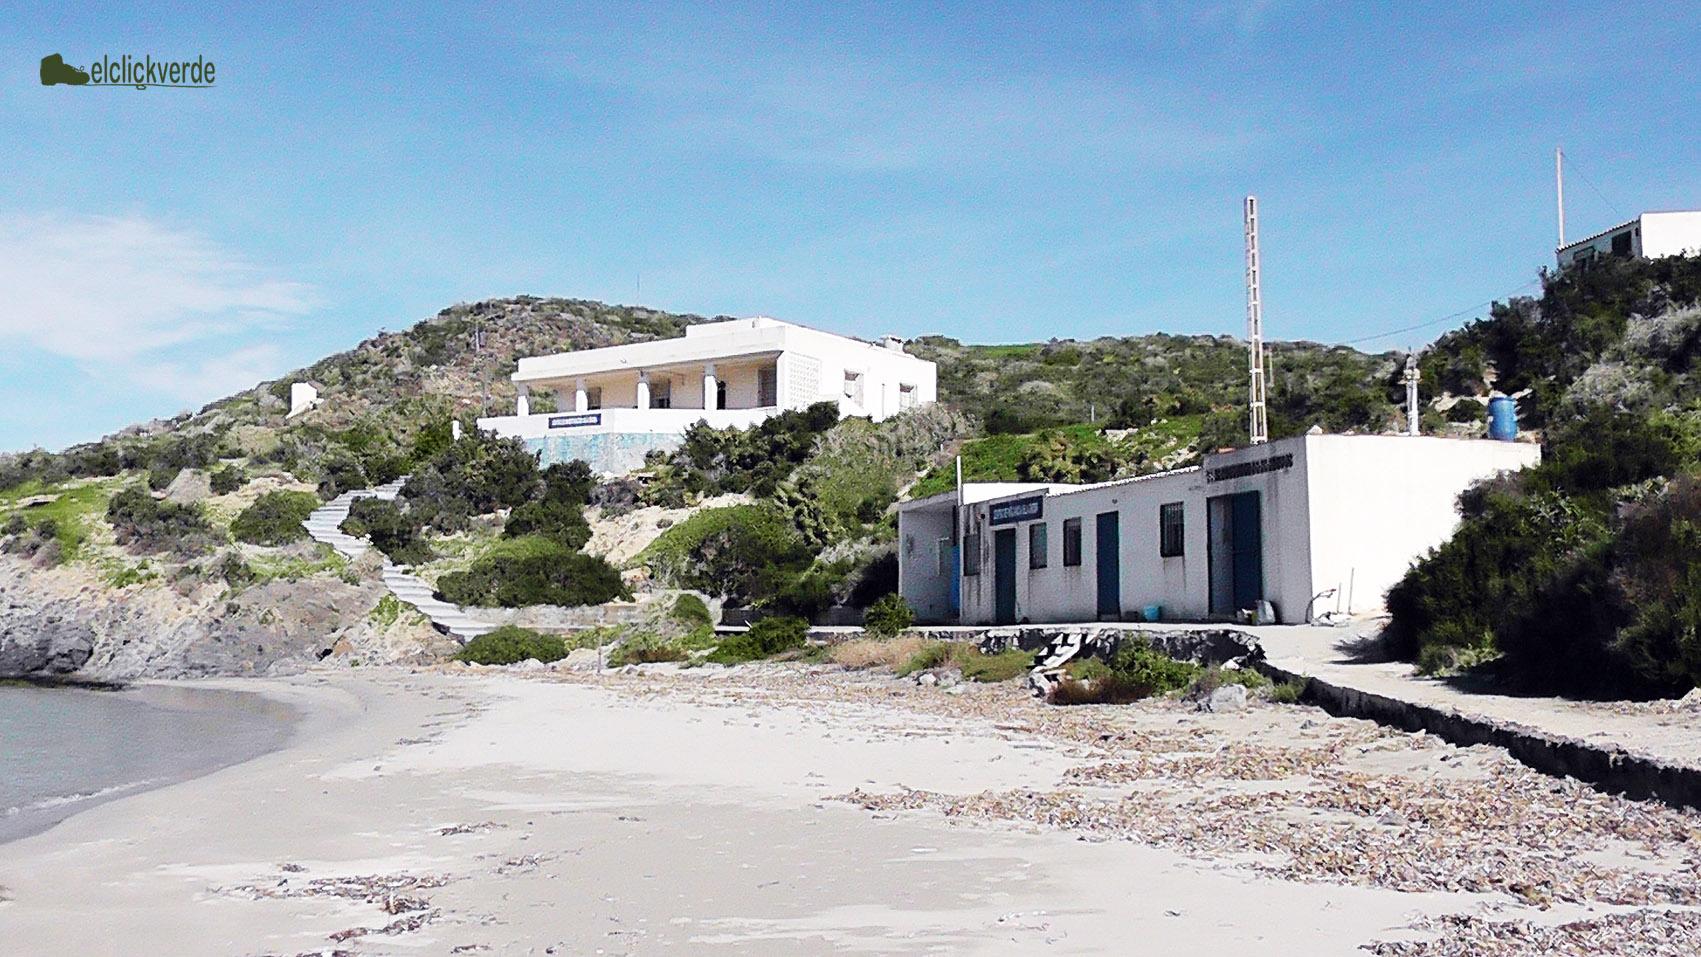 Los edificios para la estancia de los voluntarios están a pie de playa.